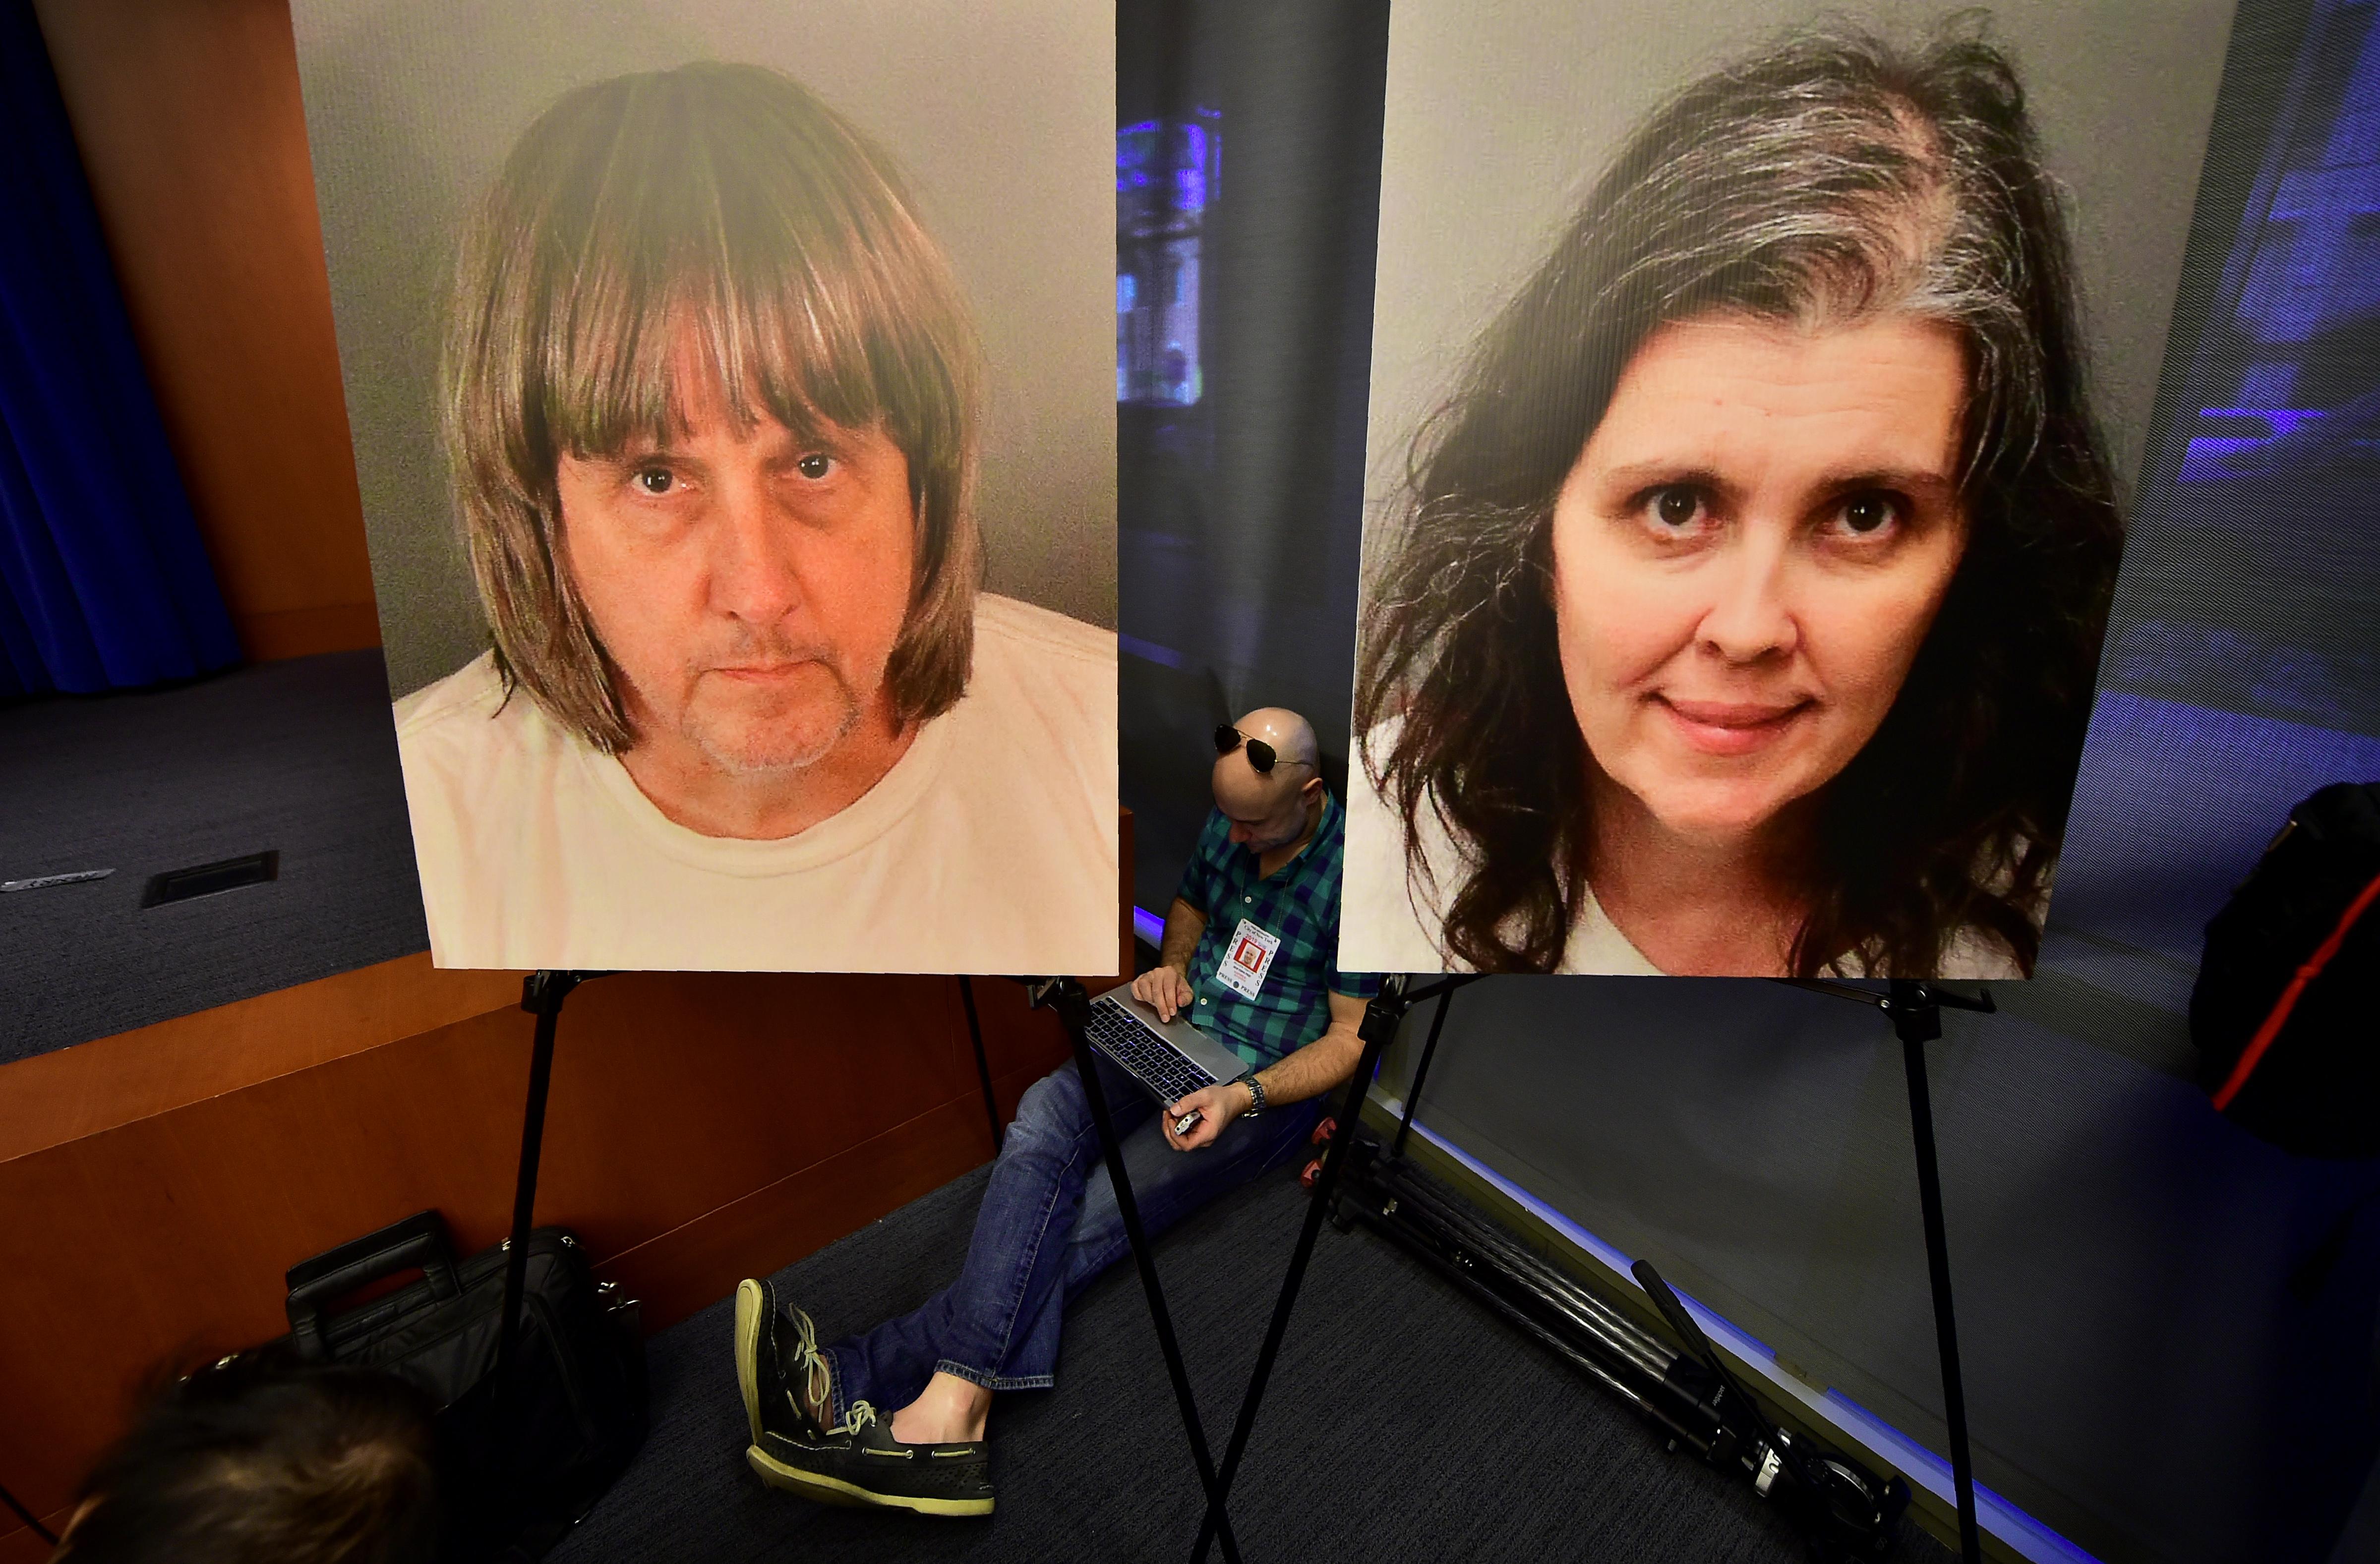 Több tucat bűncselekménnyel vádolják a szadista kaliforniai szülőket, akik éheztették, kínozták, és bútorokhoz bilincselték a 13 gyereküket